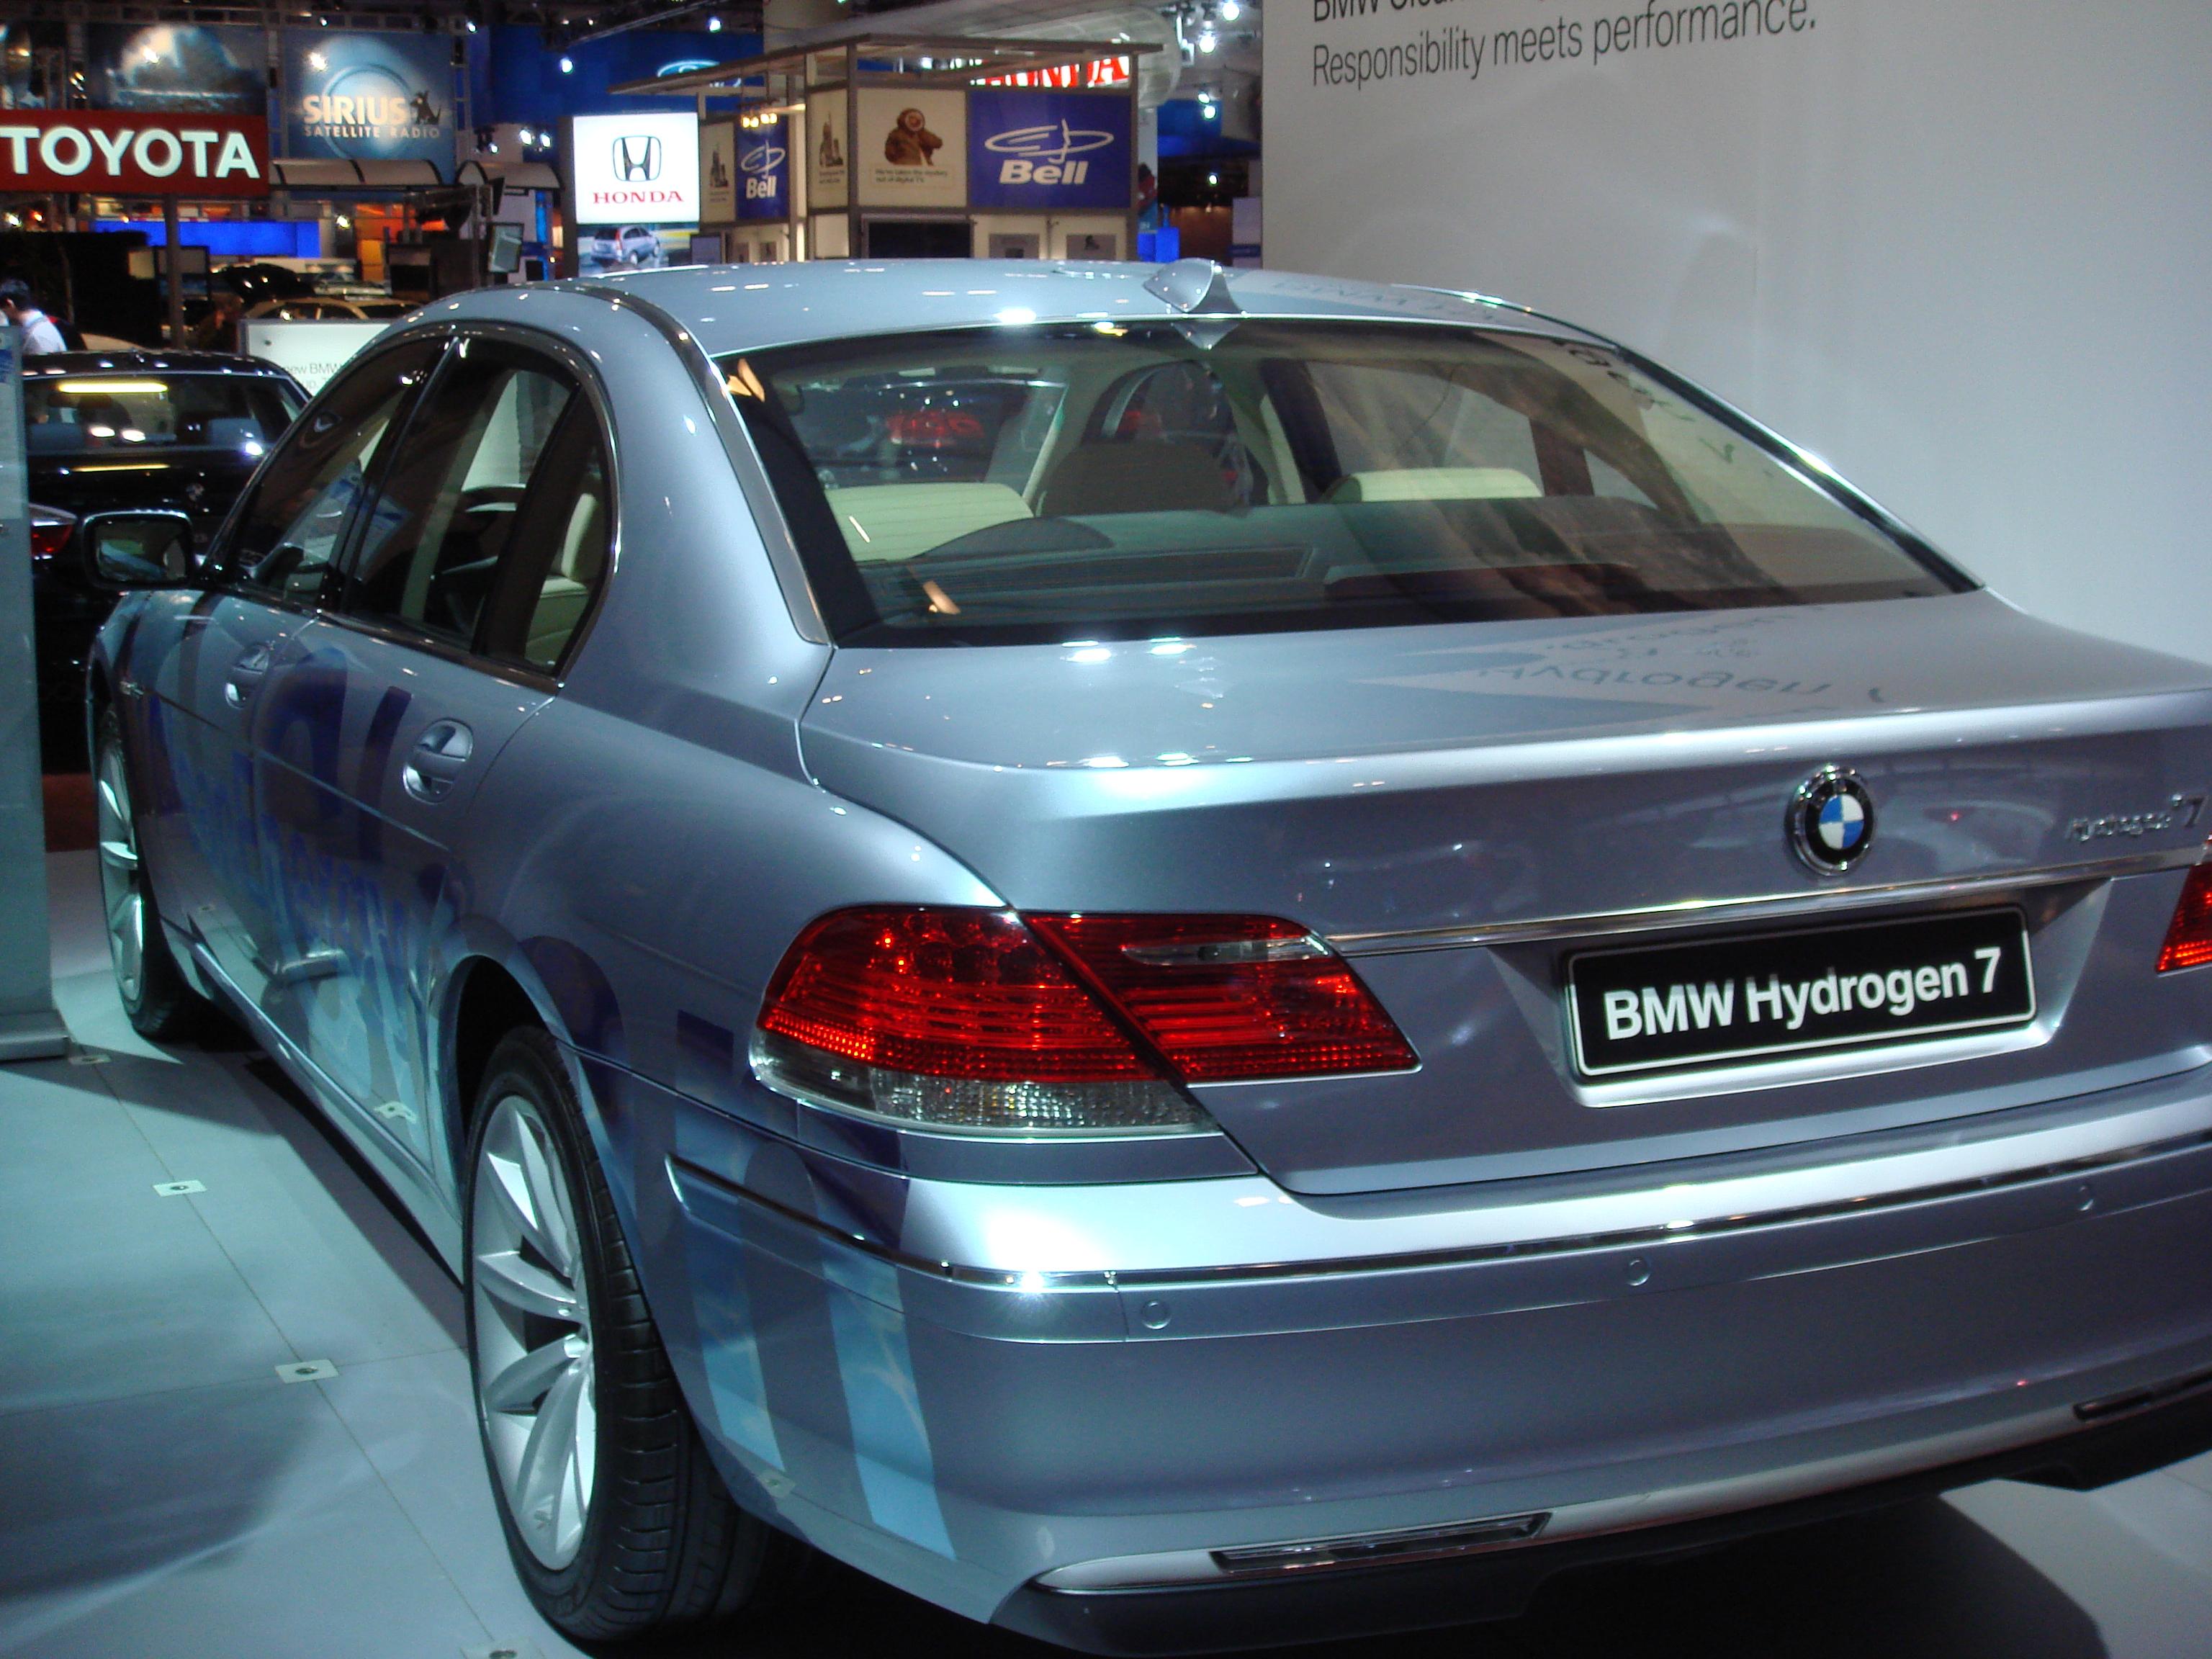 File:BMW Hydrogen 7 (1).jpg - Wikimedia Commons